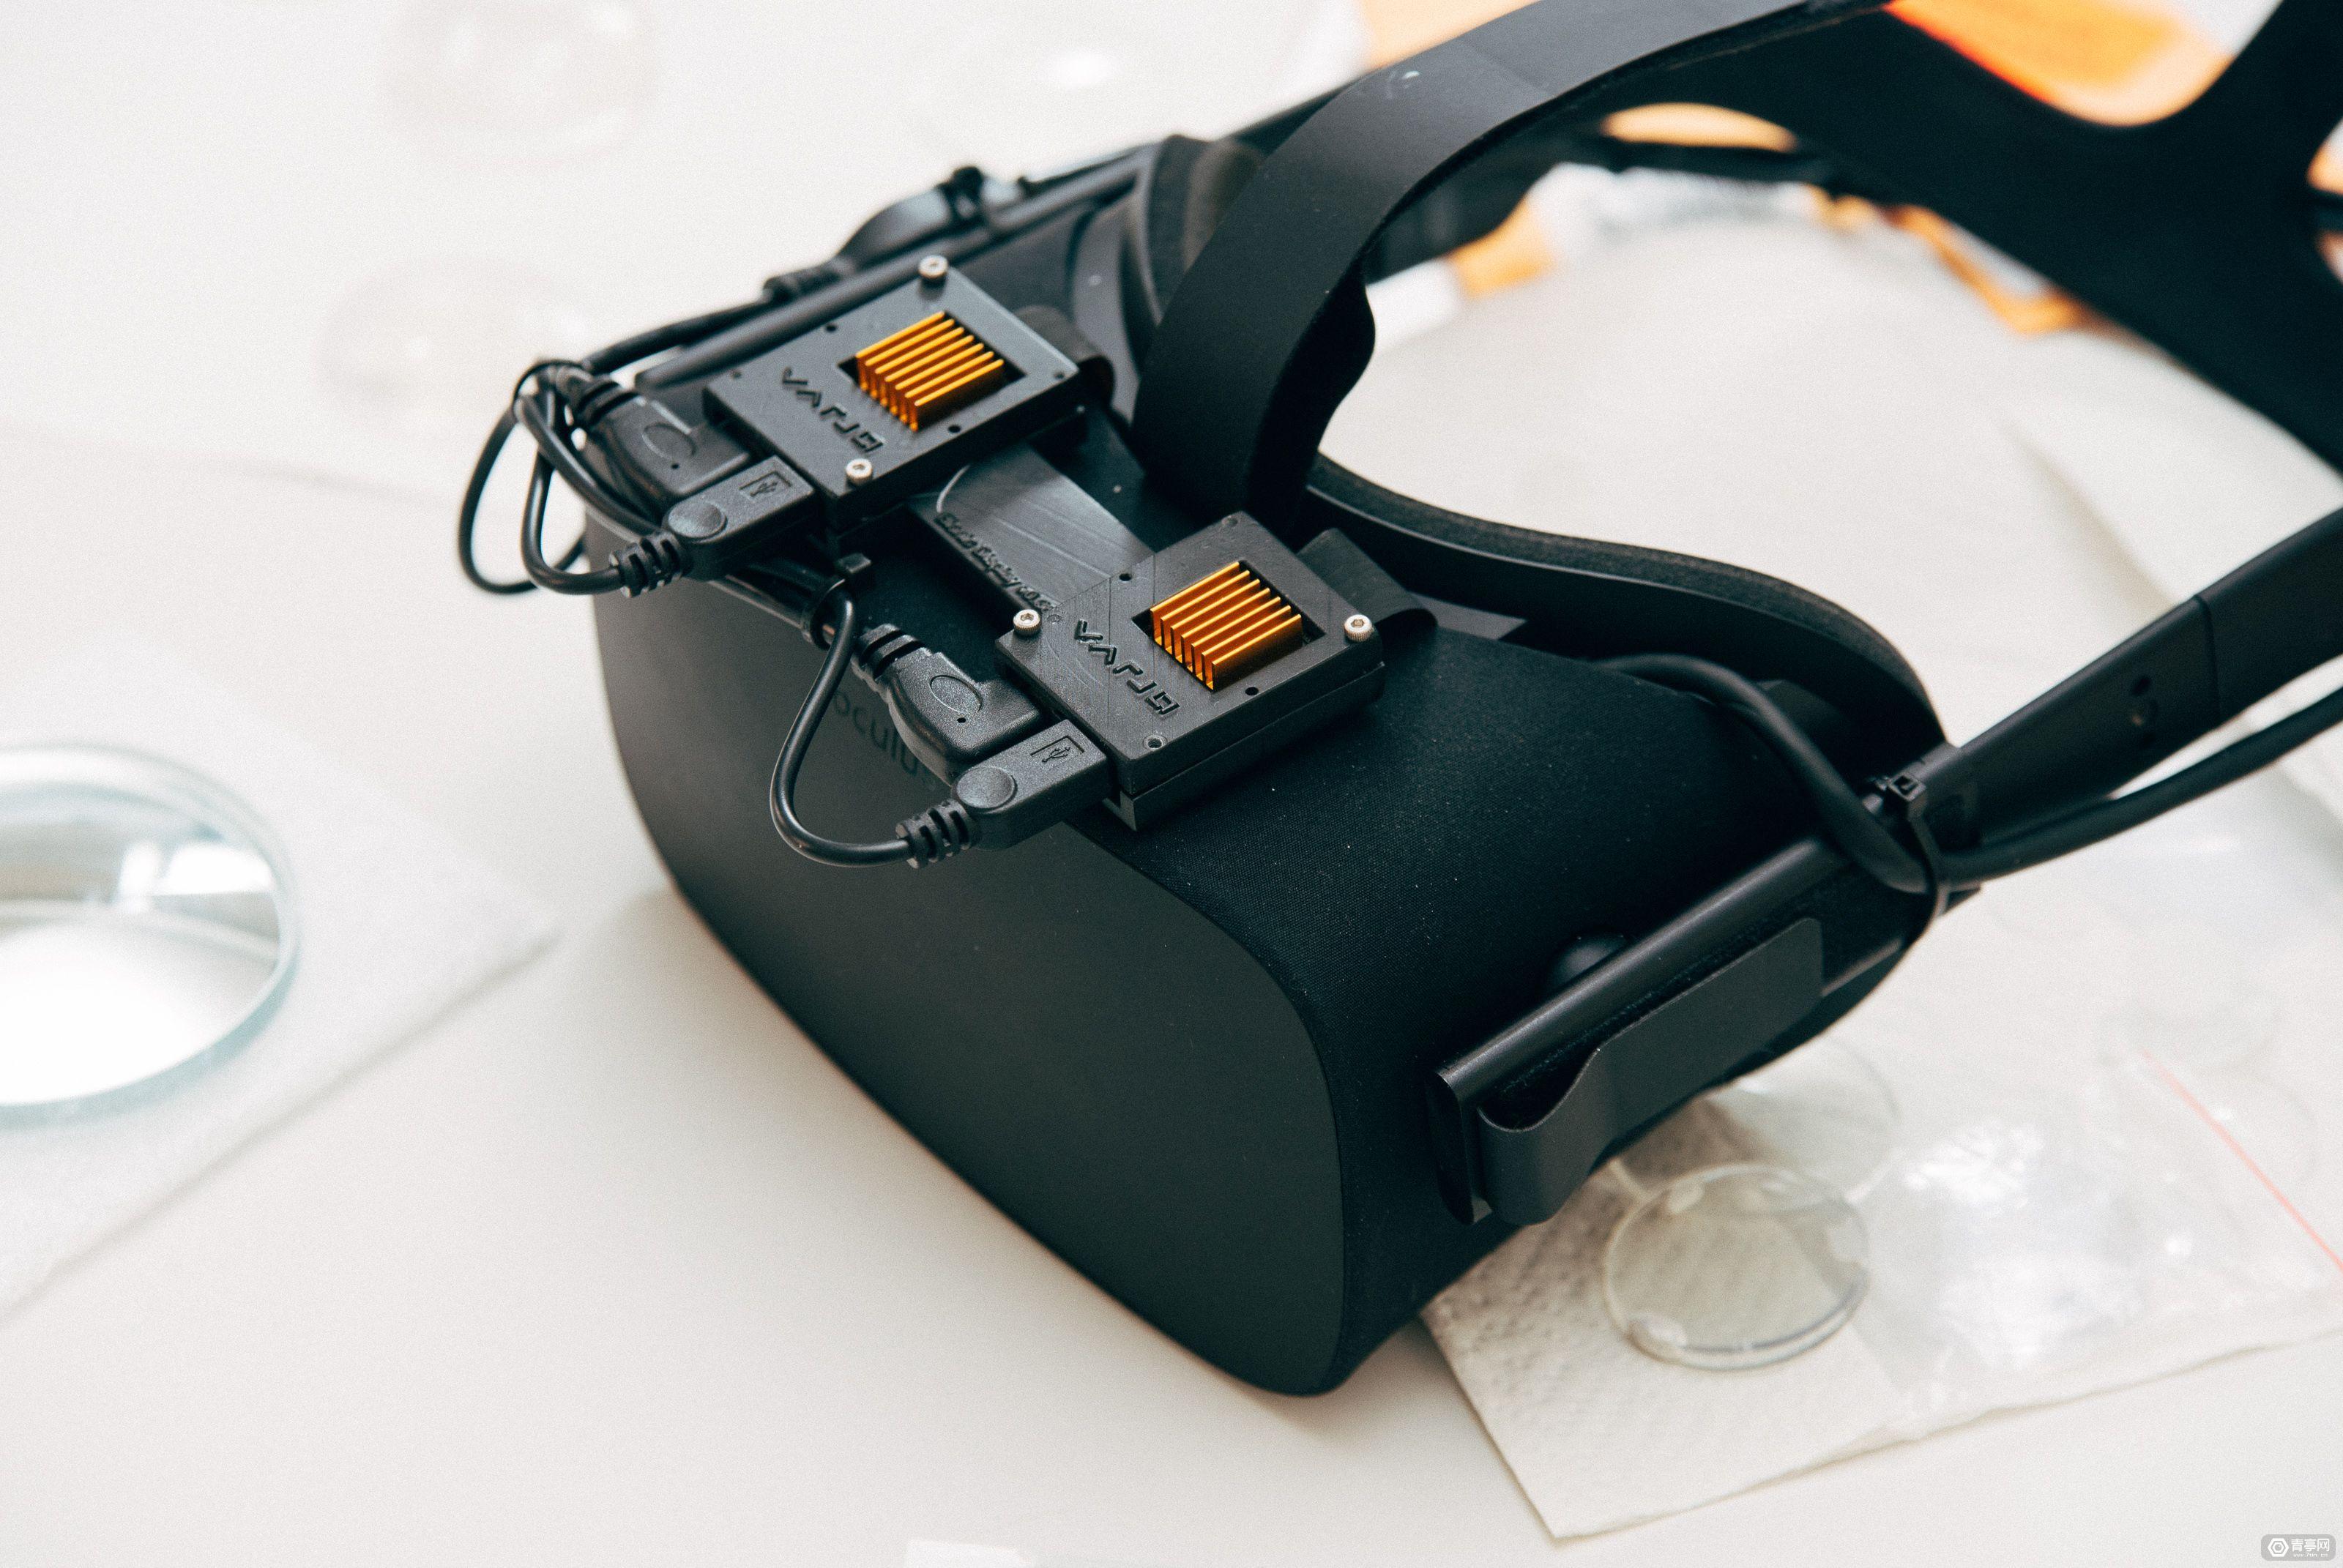 融资约6000万,HoloLens创始团队打造VR显示技术,比HTC Vive分辨率高70倍